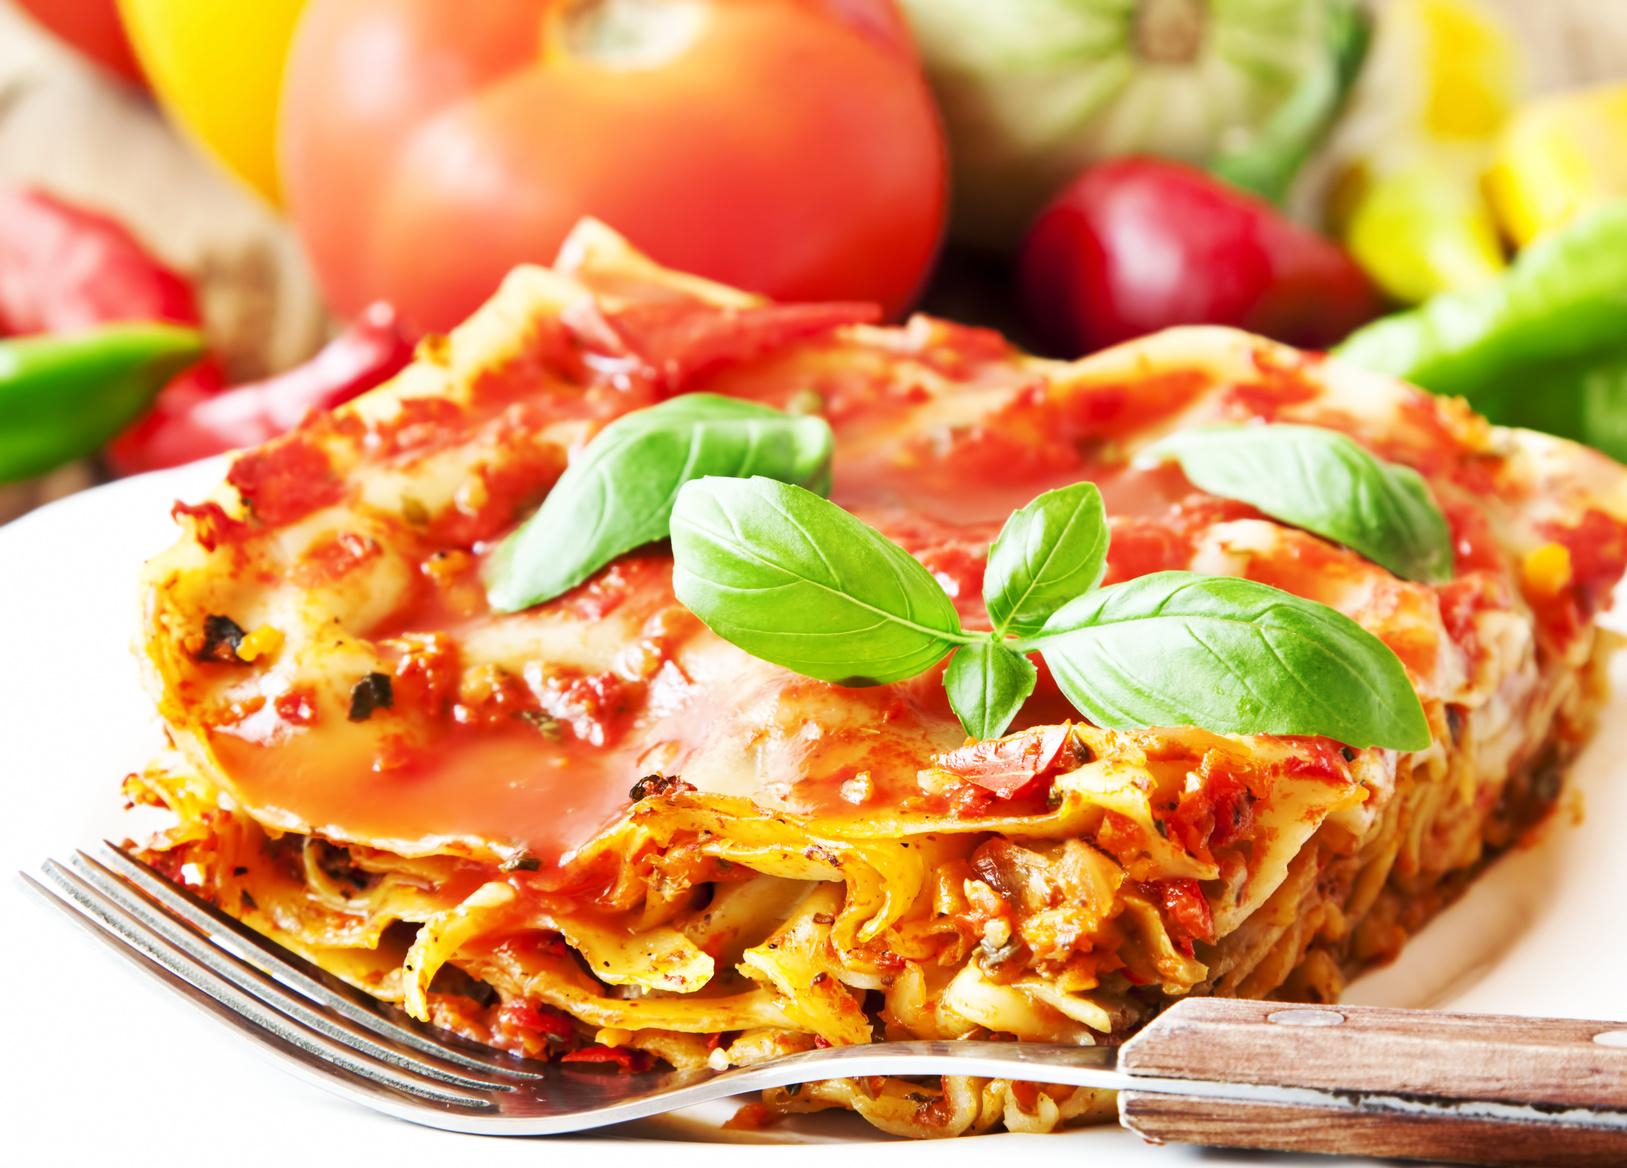 kuchnia włoska południowa Piotrków Trybunalski